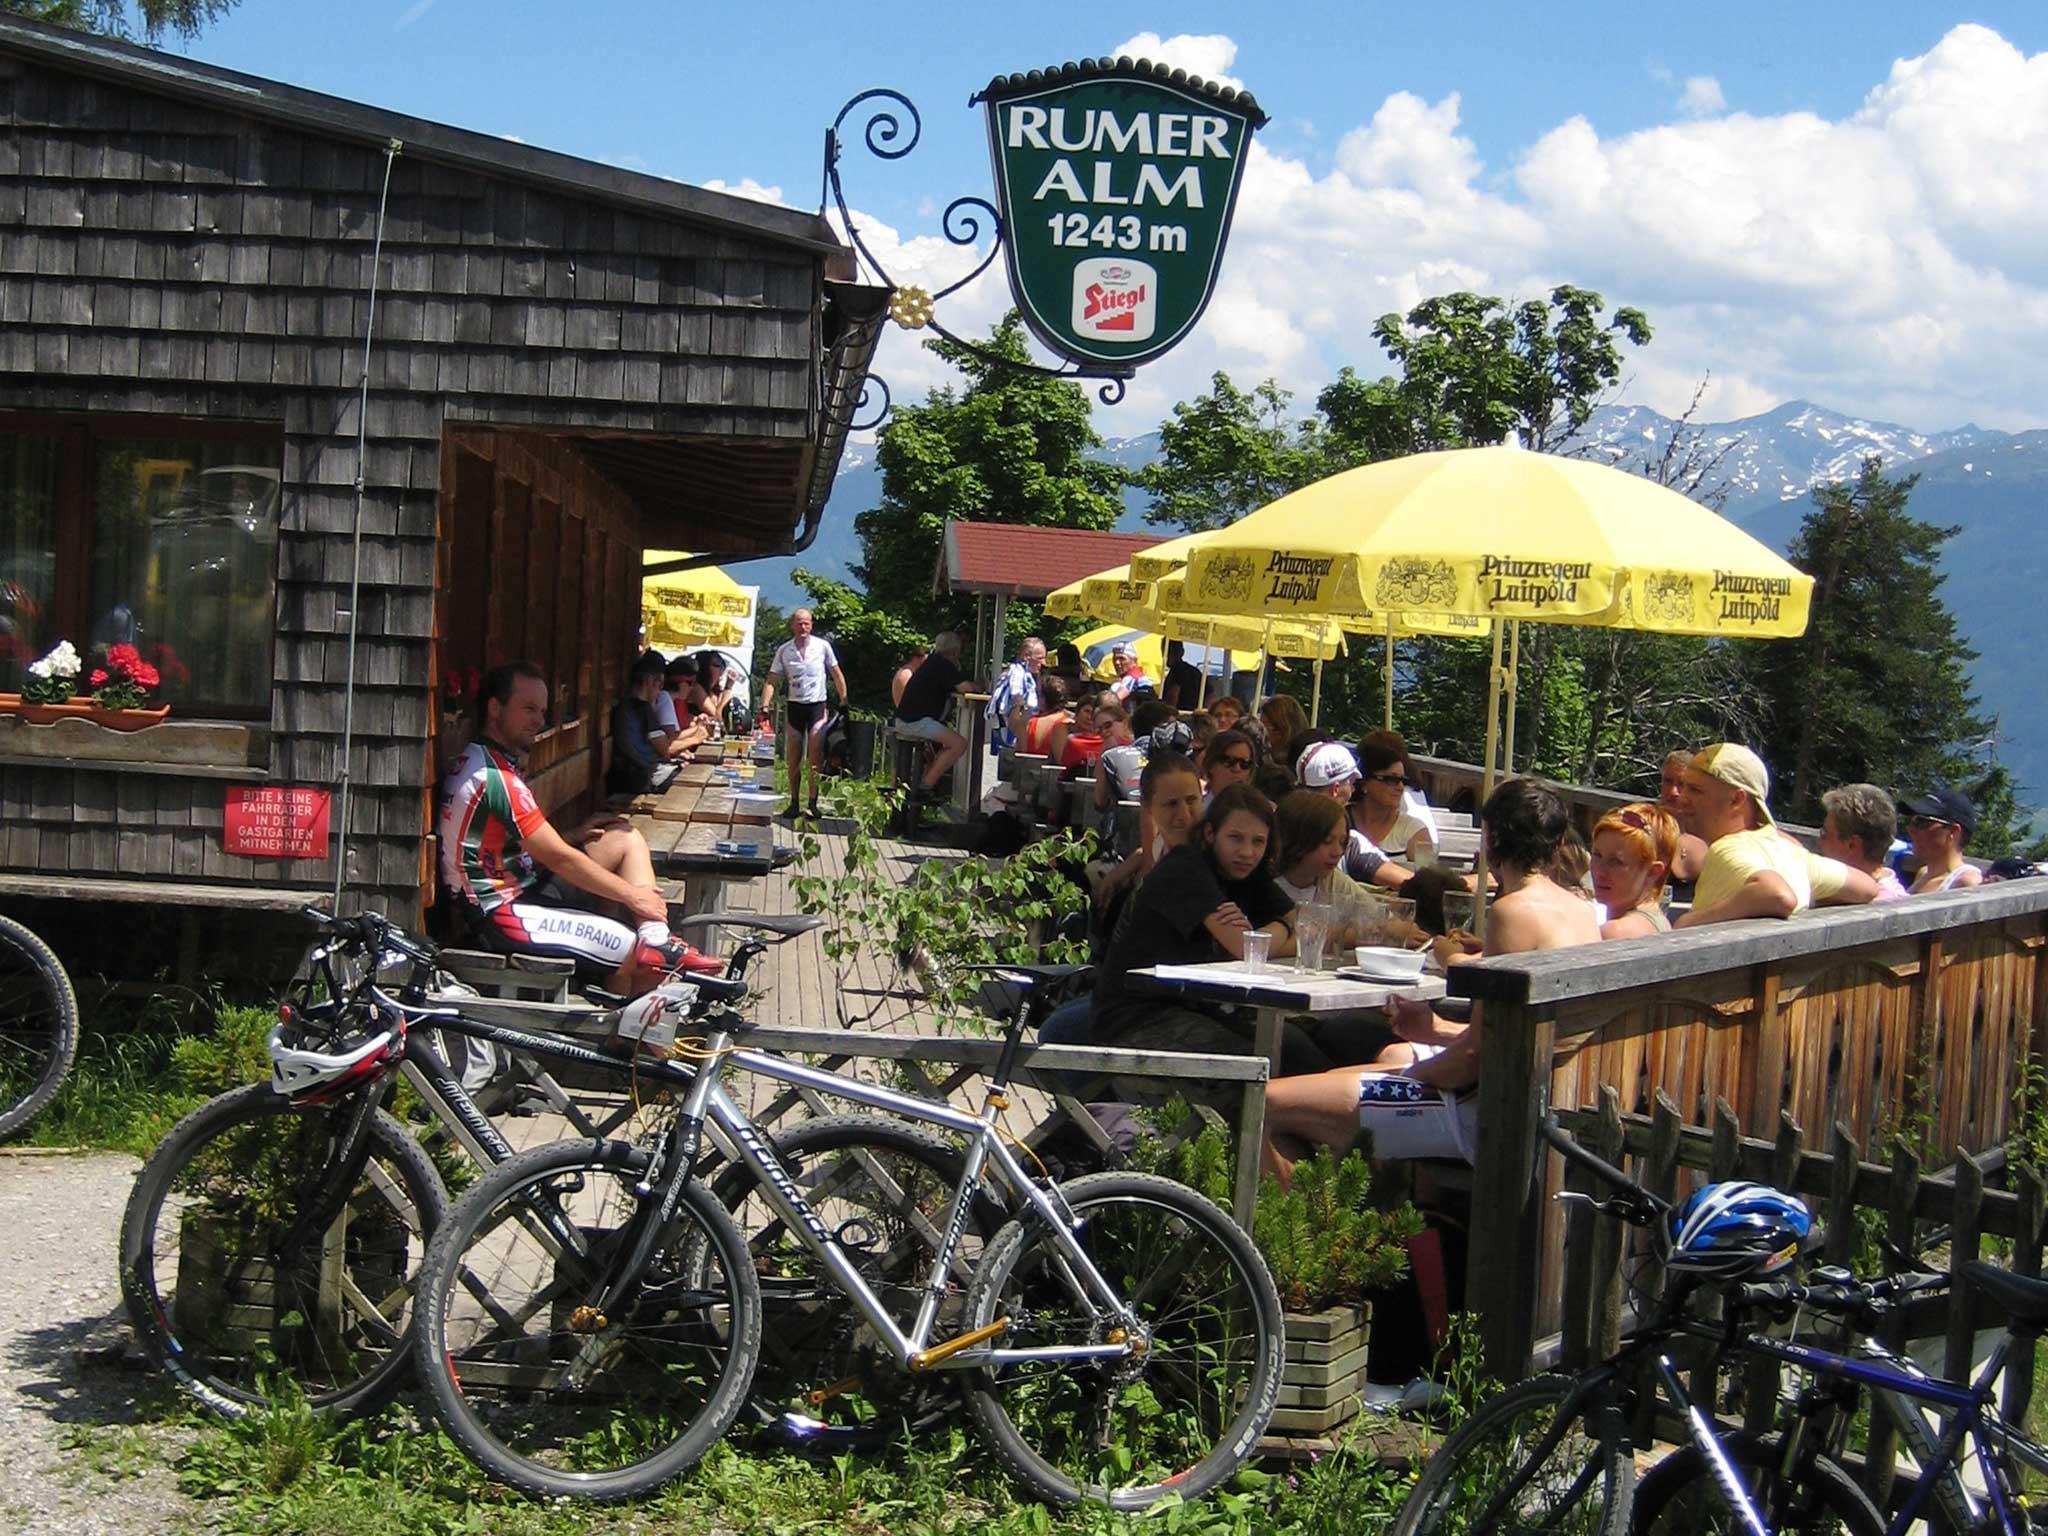 E-Bike Ladestation Rumer Alm